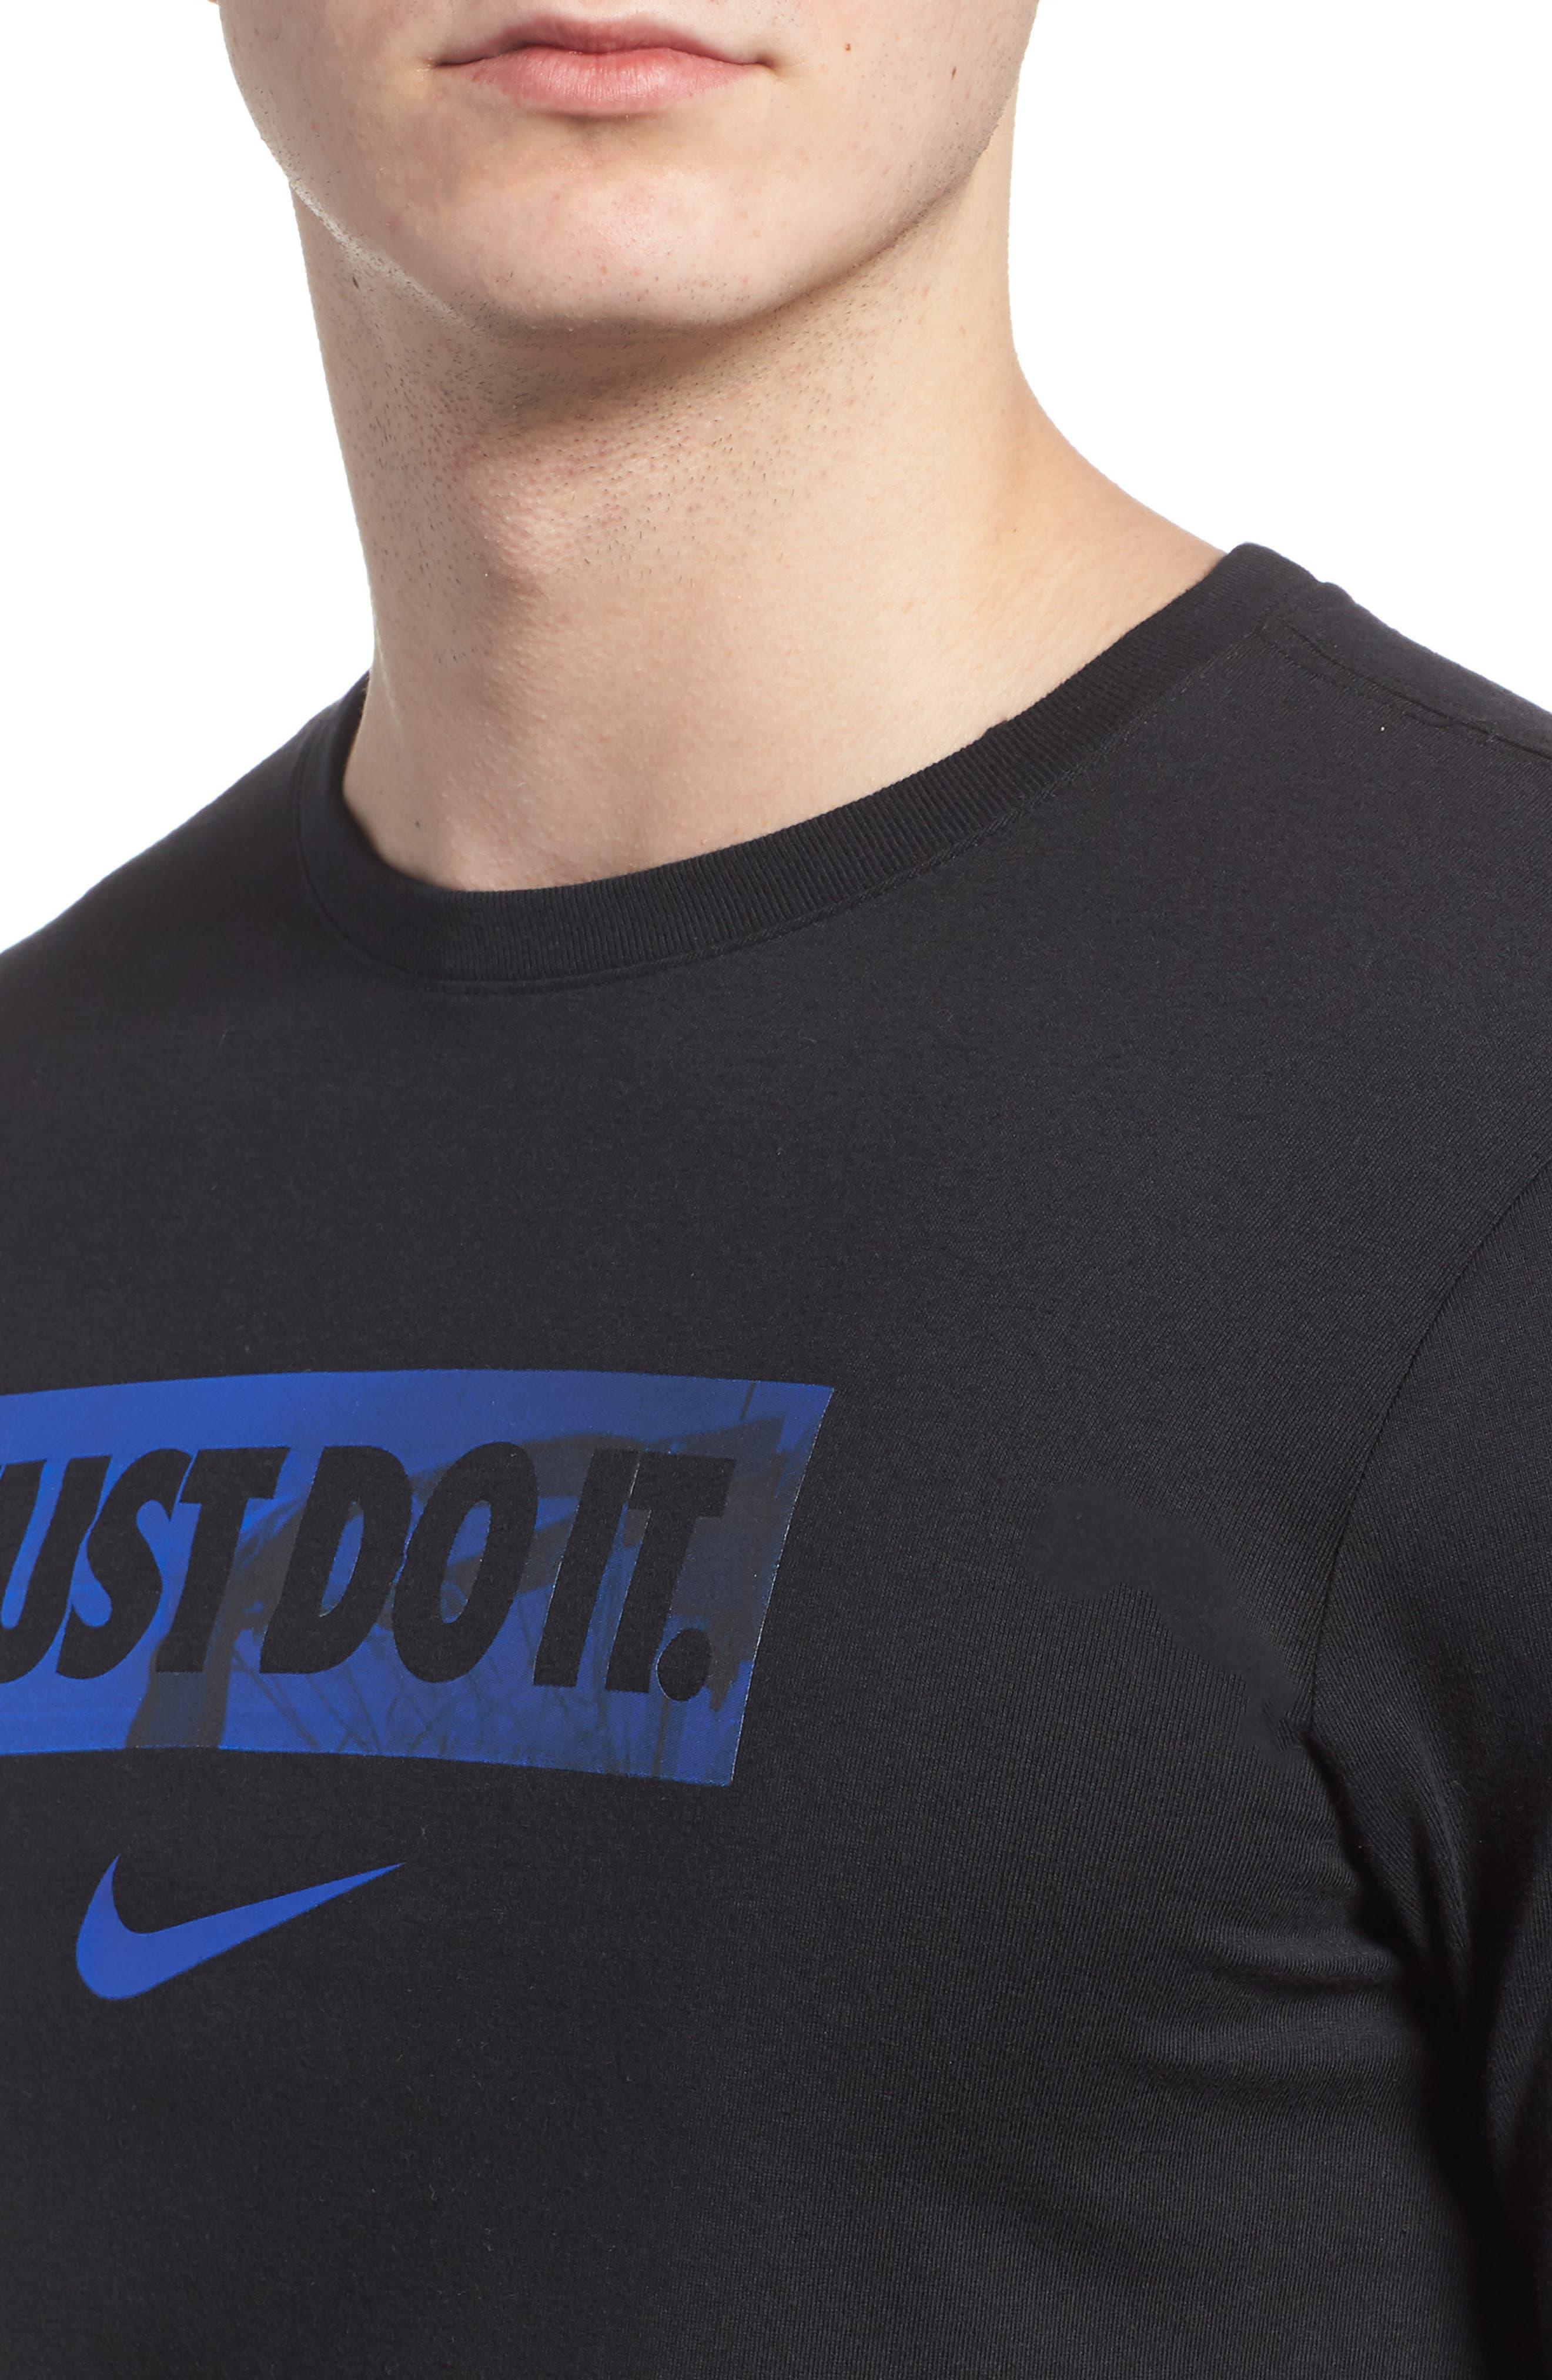 Dry Hoops T-Shirt,                             Alternate thumbnail 4, color,                             Black/ White